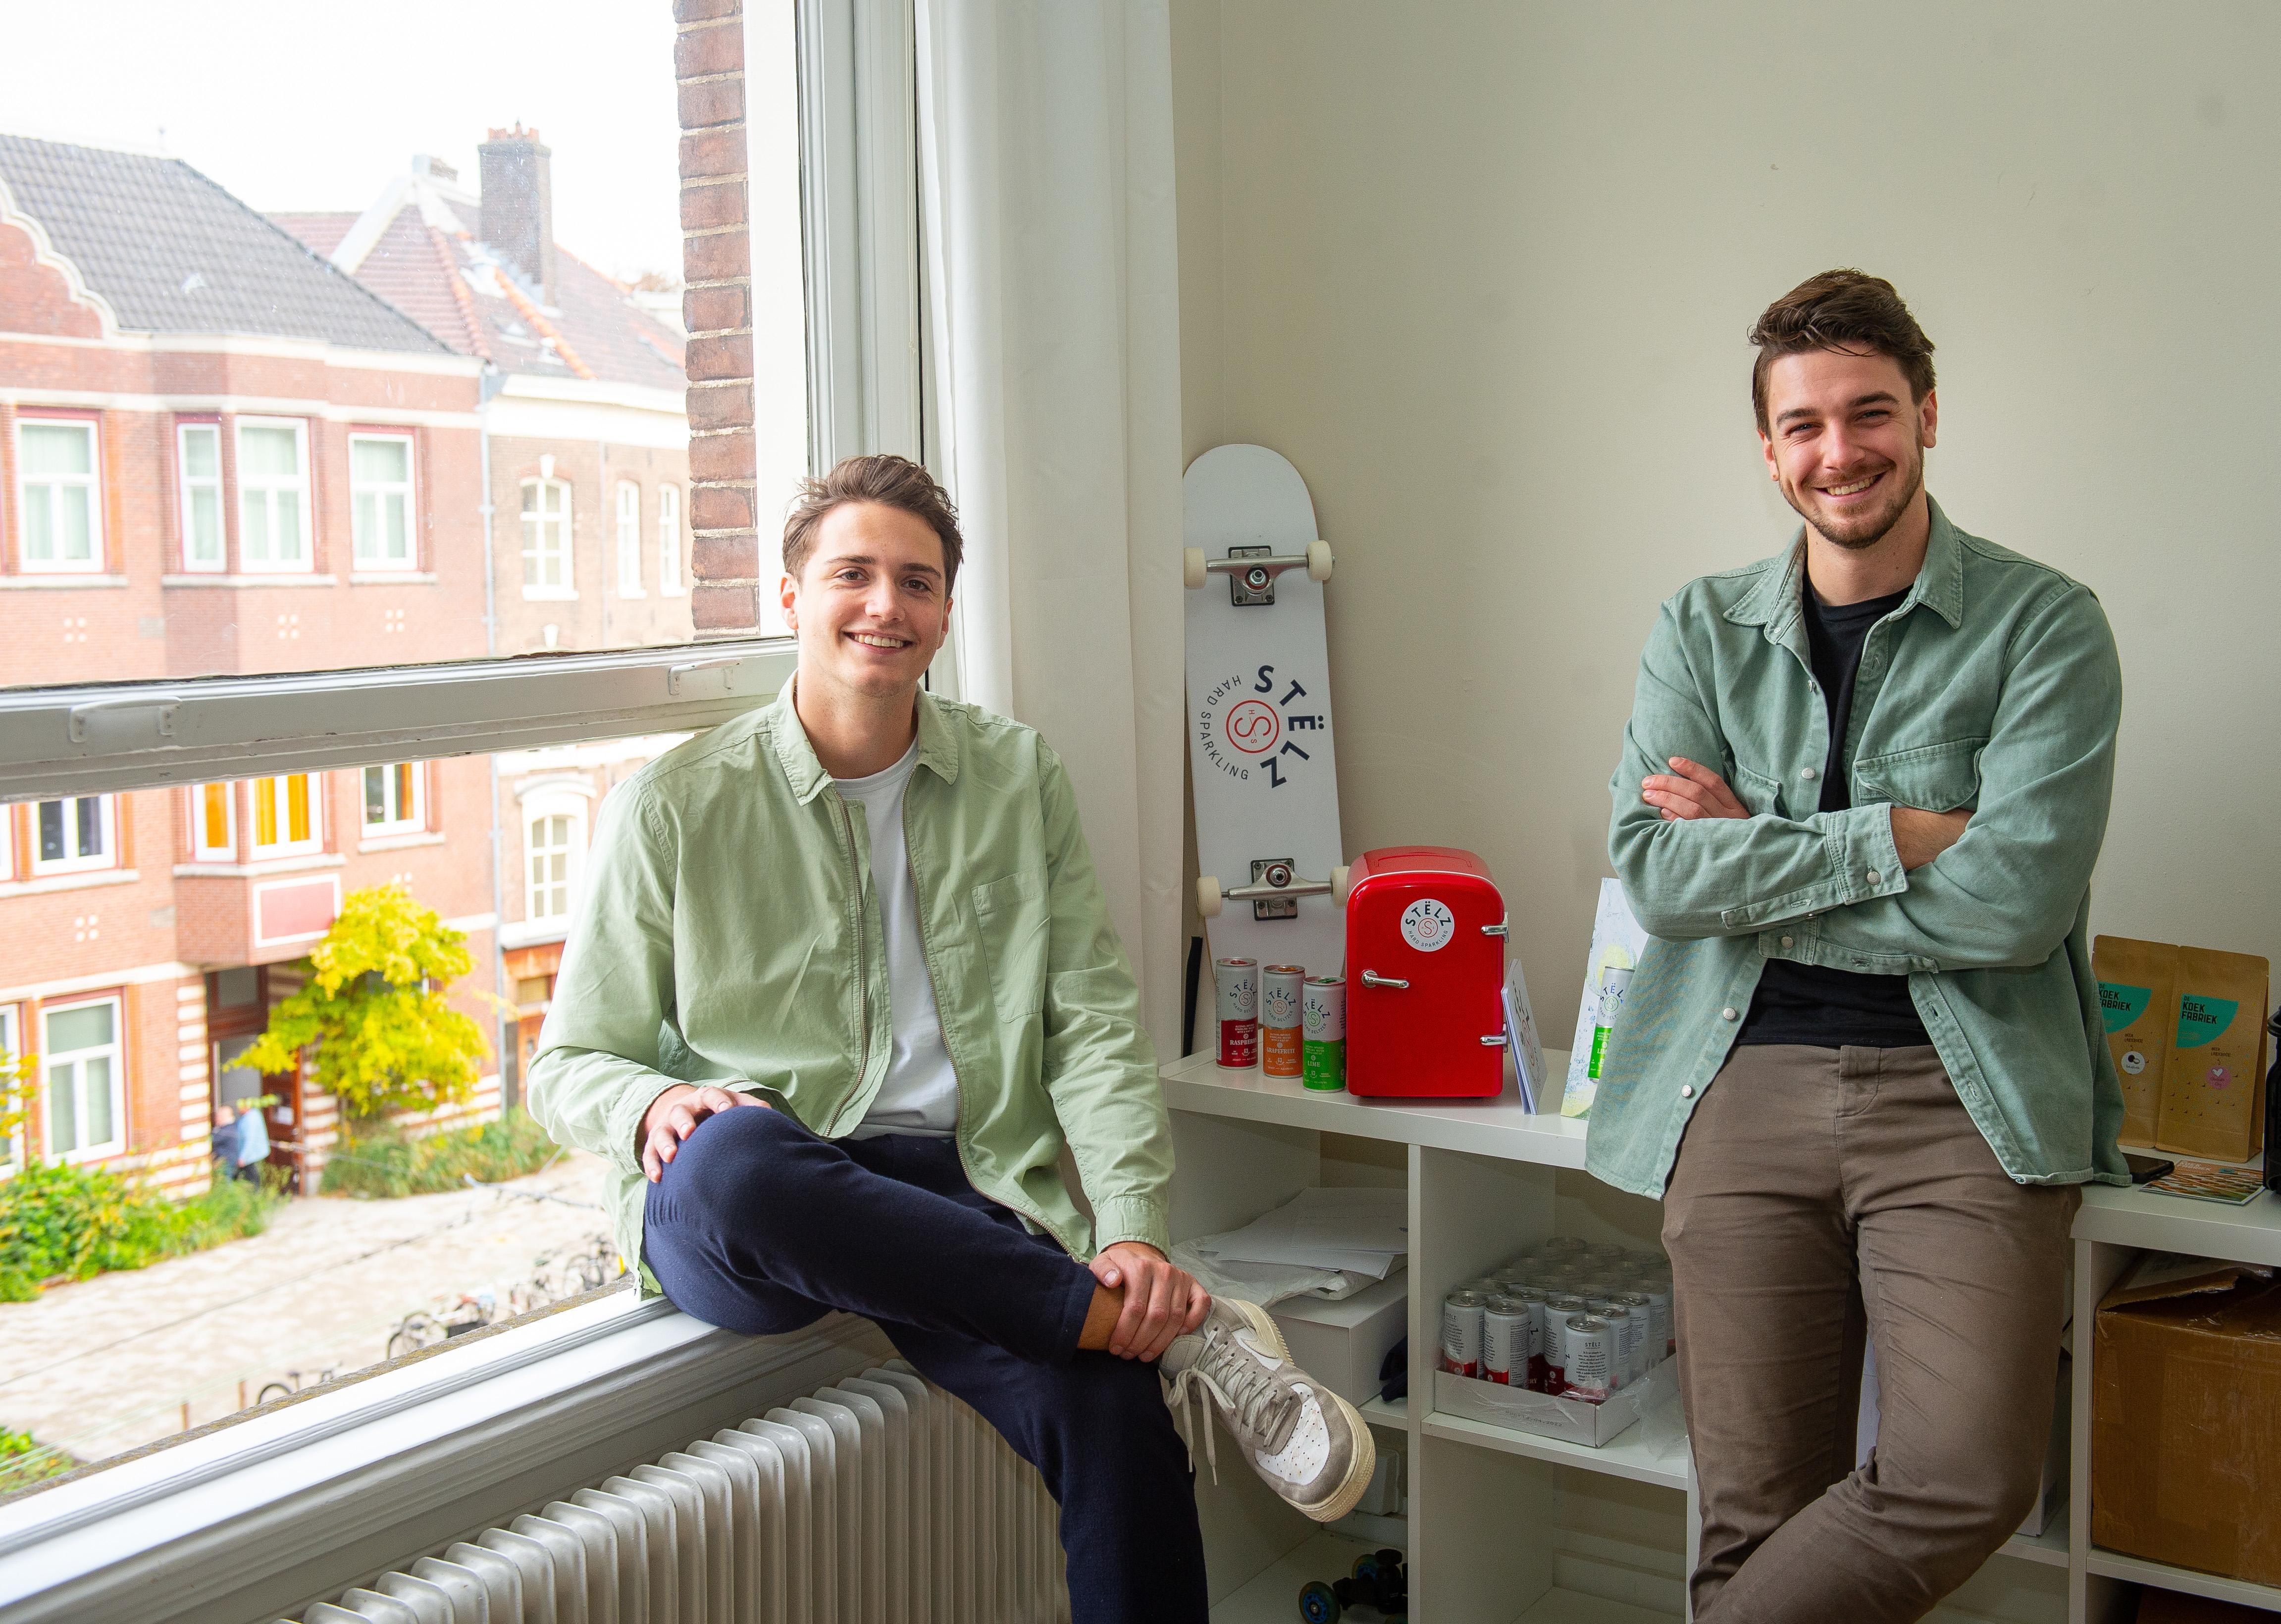 Weinig calorieën, snel aangeschoten: Stëlz van ex-Landsmeerder Milan (25) boort nieuwe alcoholcategorie aan in Nederland